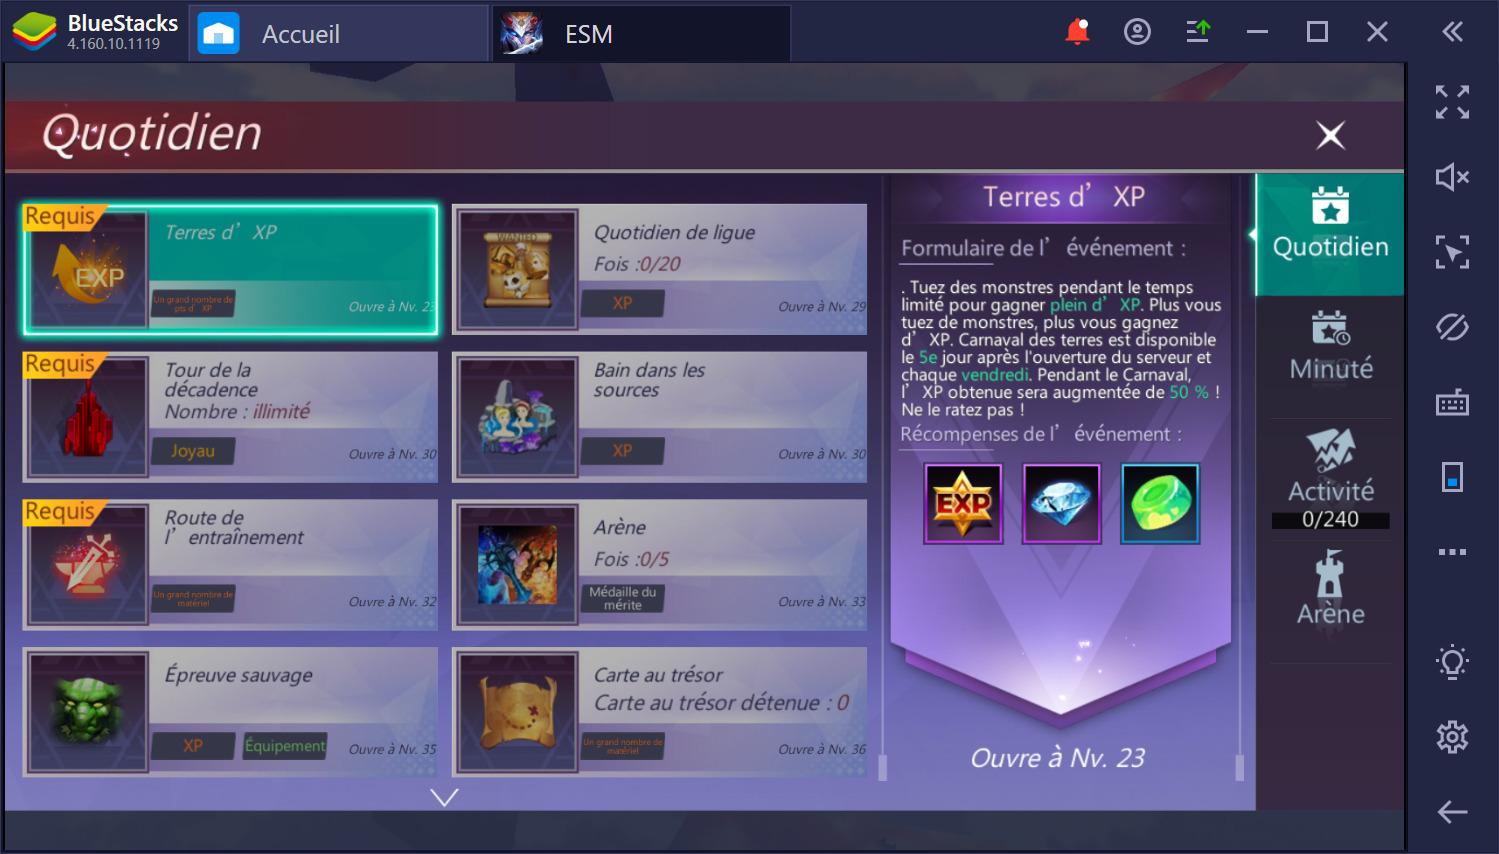 Eternal Sword M sur PC – Guide pour débutants sur les défis quotidiens et les donjons